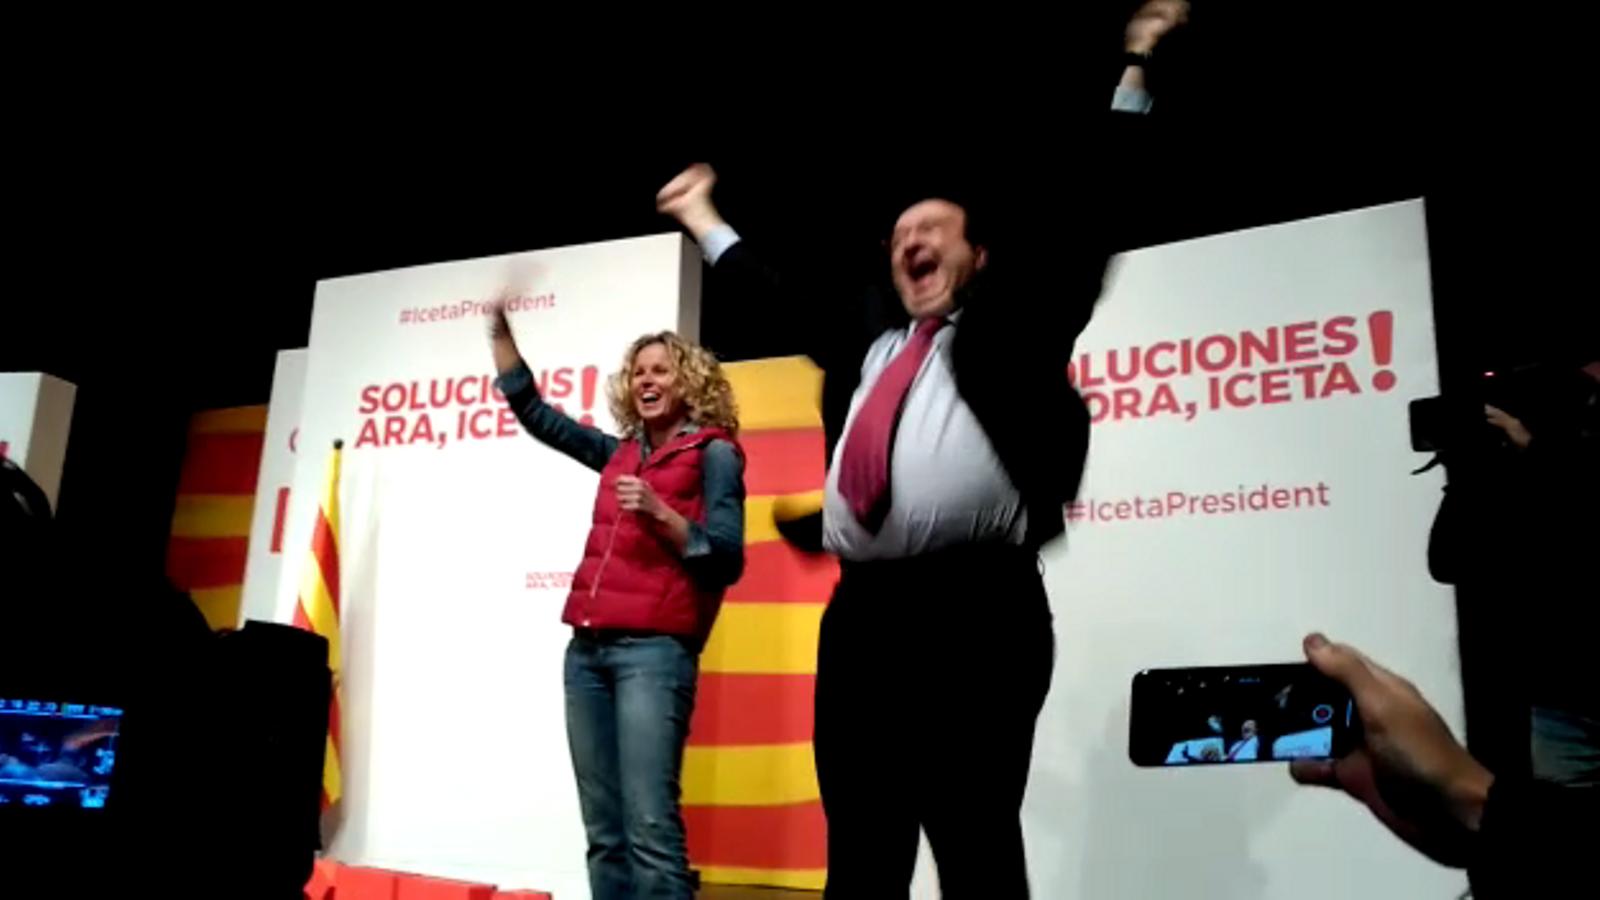 Iceta salta amb ímpetu a l'inici del míting del PSC a Lleida